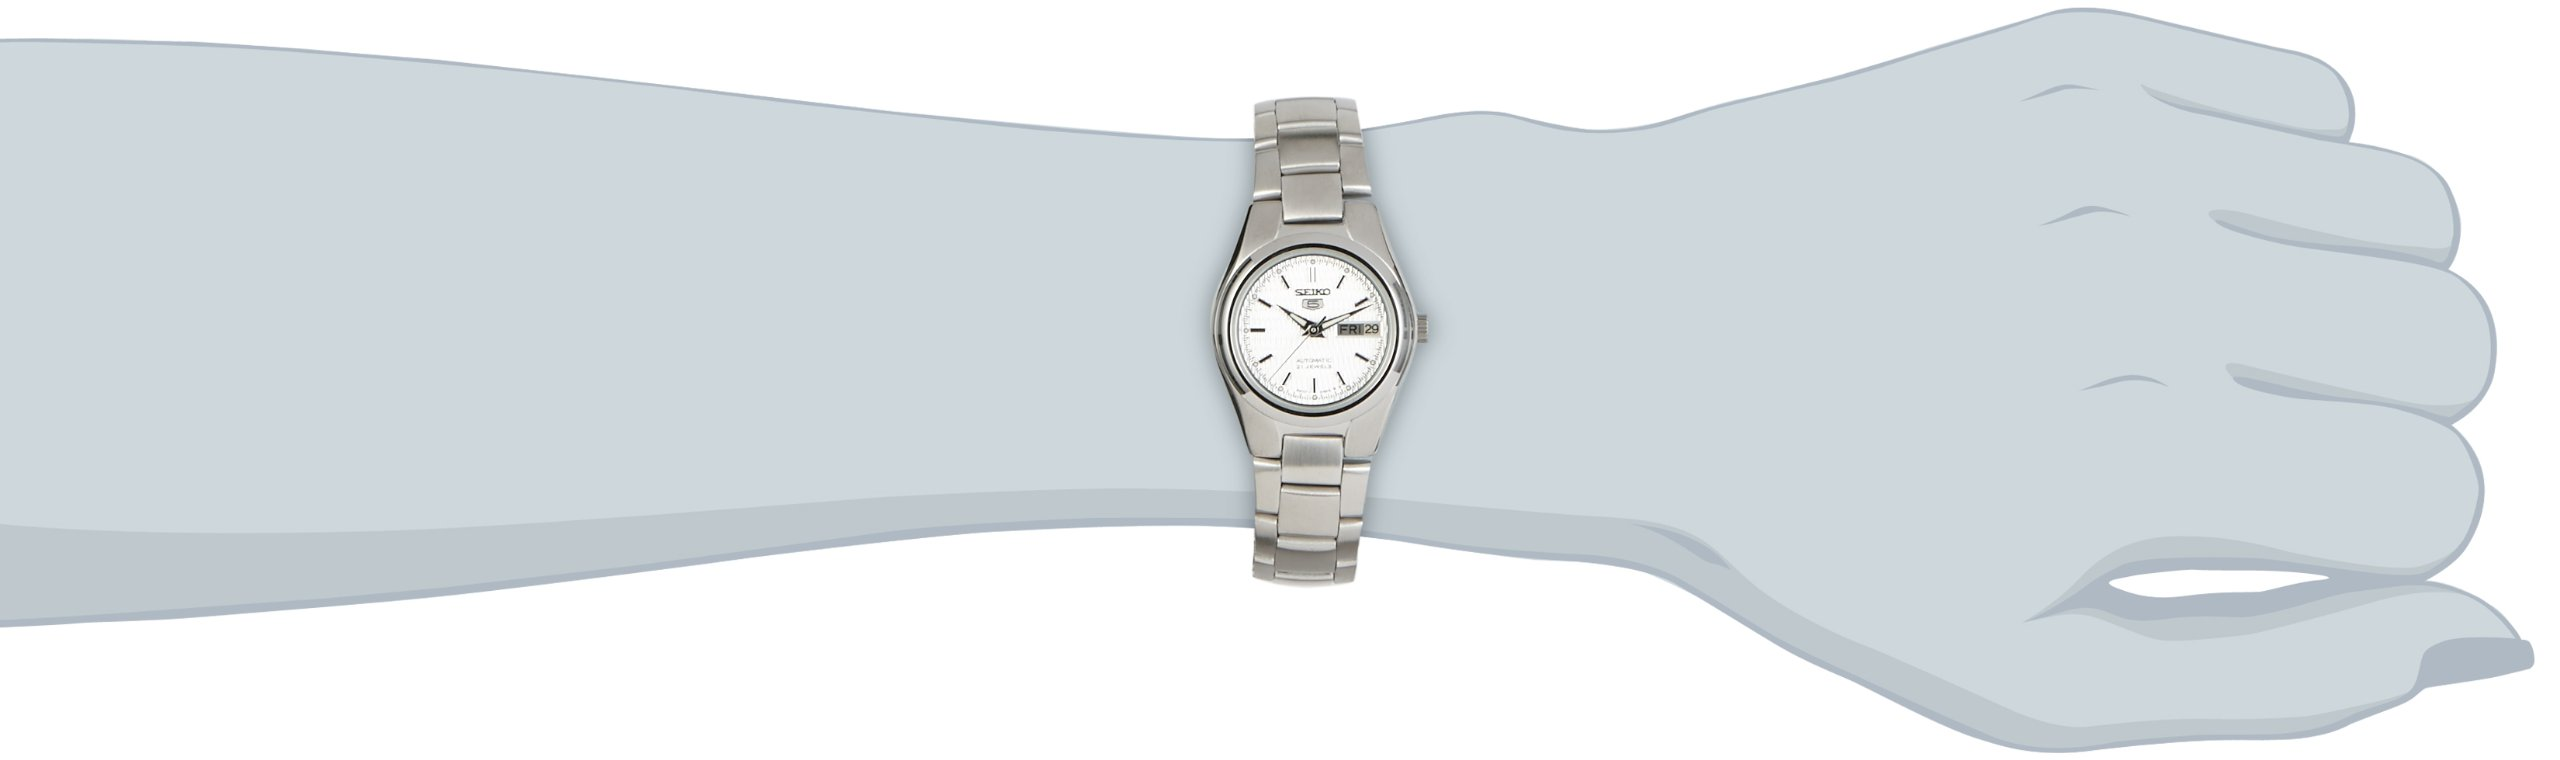 Seiko Reloj Analógico Automático para Mujer con Correa de Acero Inoxidable – SYMC07K1